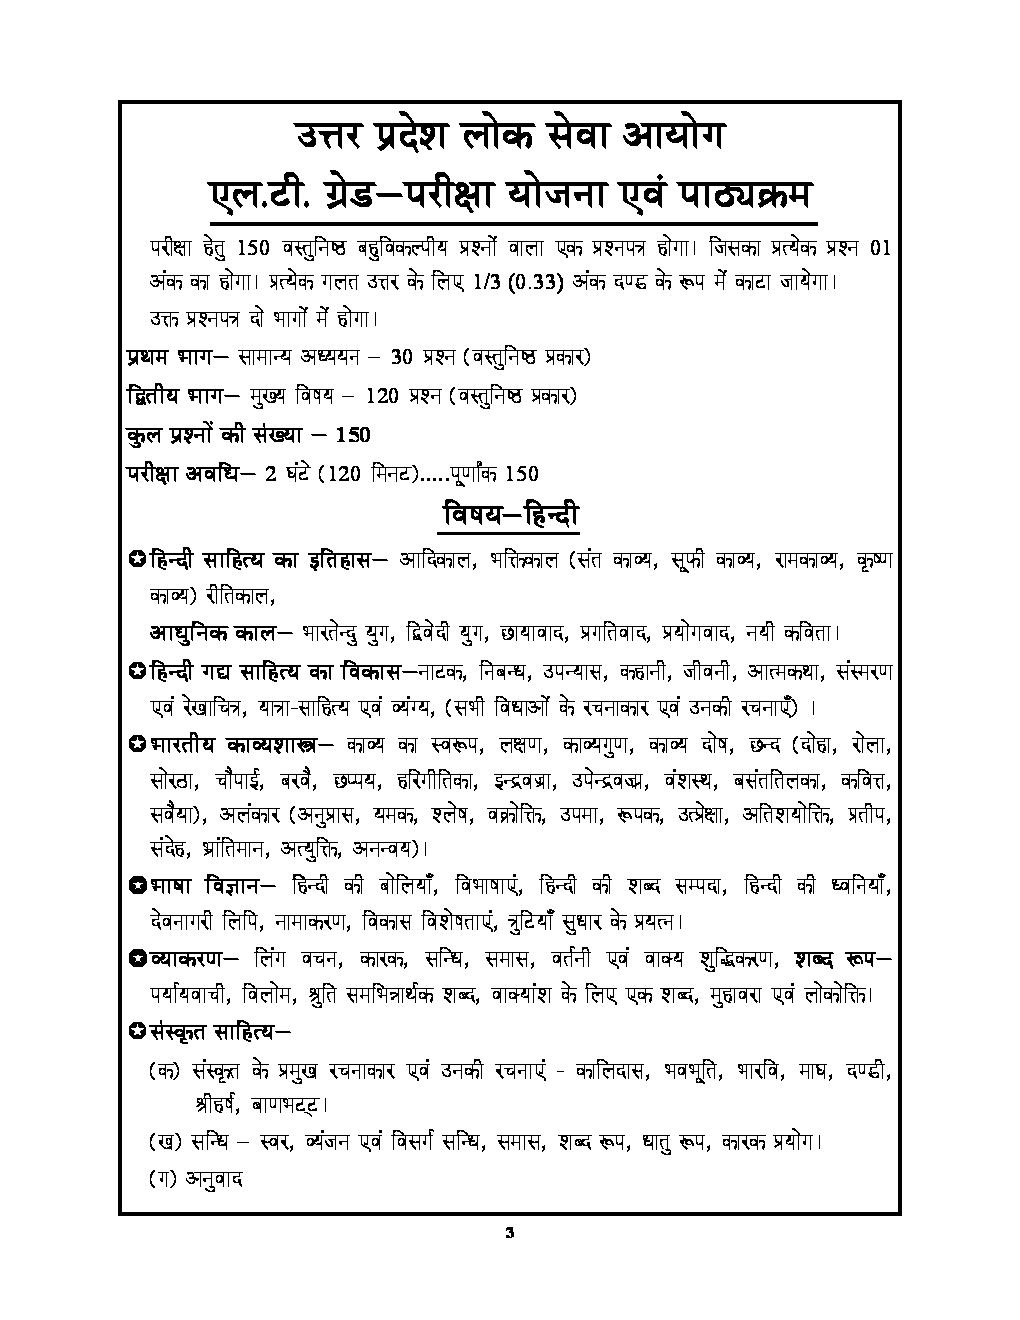 UPSC 2018 L.T.  ग्रेड शिक्षक भर्ती परीक्षा हिंदी साल्व्ड पेपर एवं प्रैक्टिस बुक - Page 4